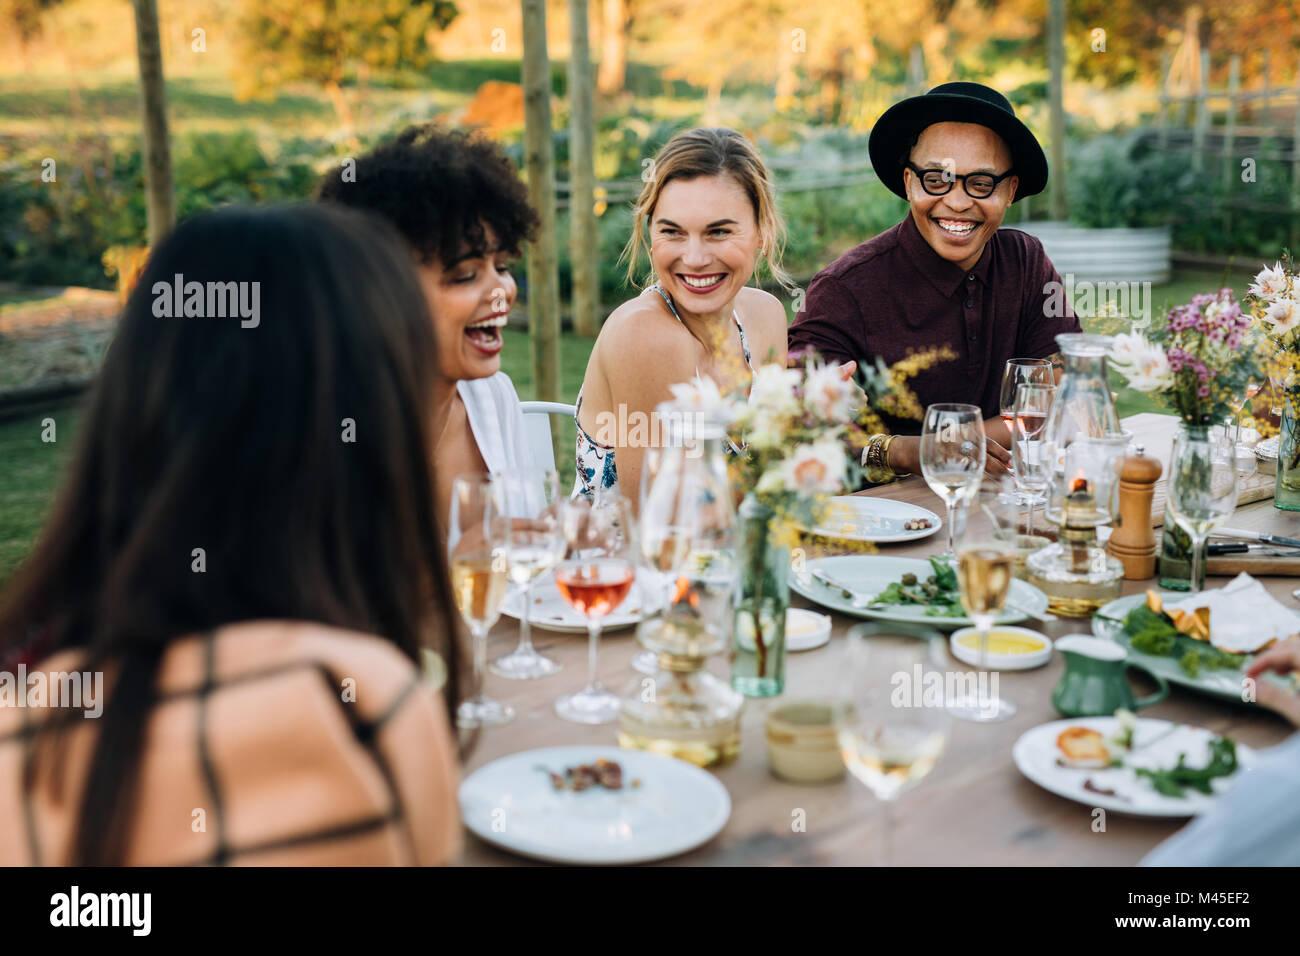 Group of friends enjoying outdoor party dans le jardin d'accueil. La génération y profiter de l'été Photo Stock